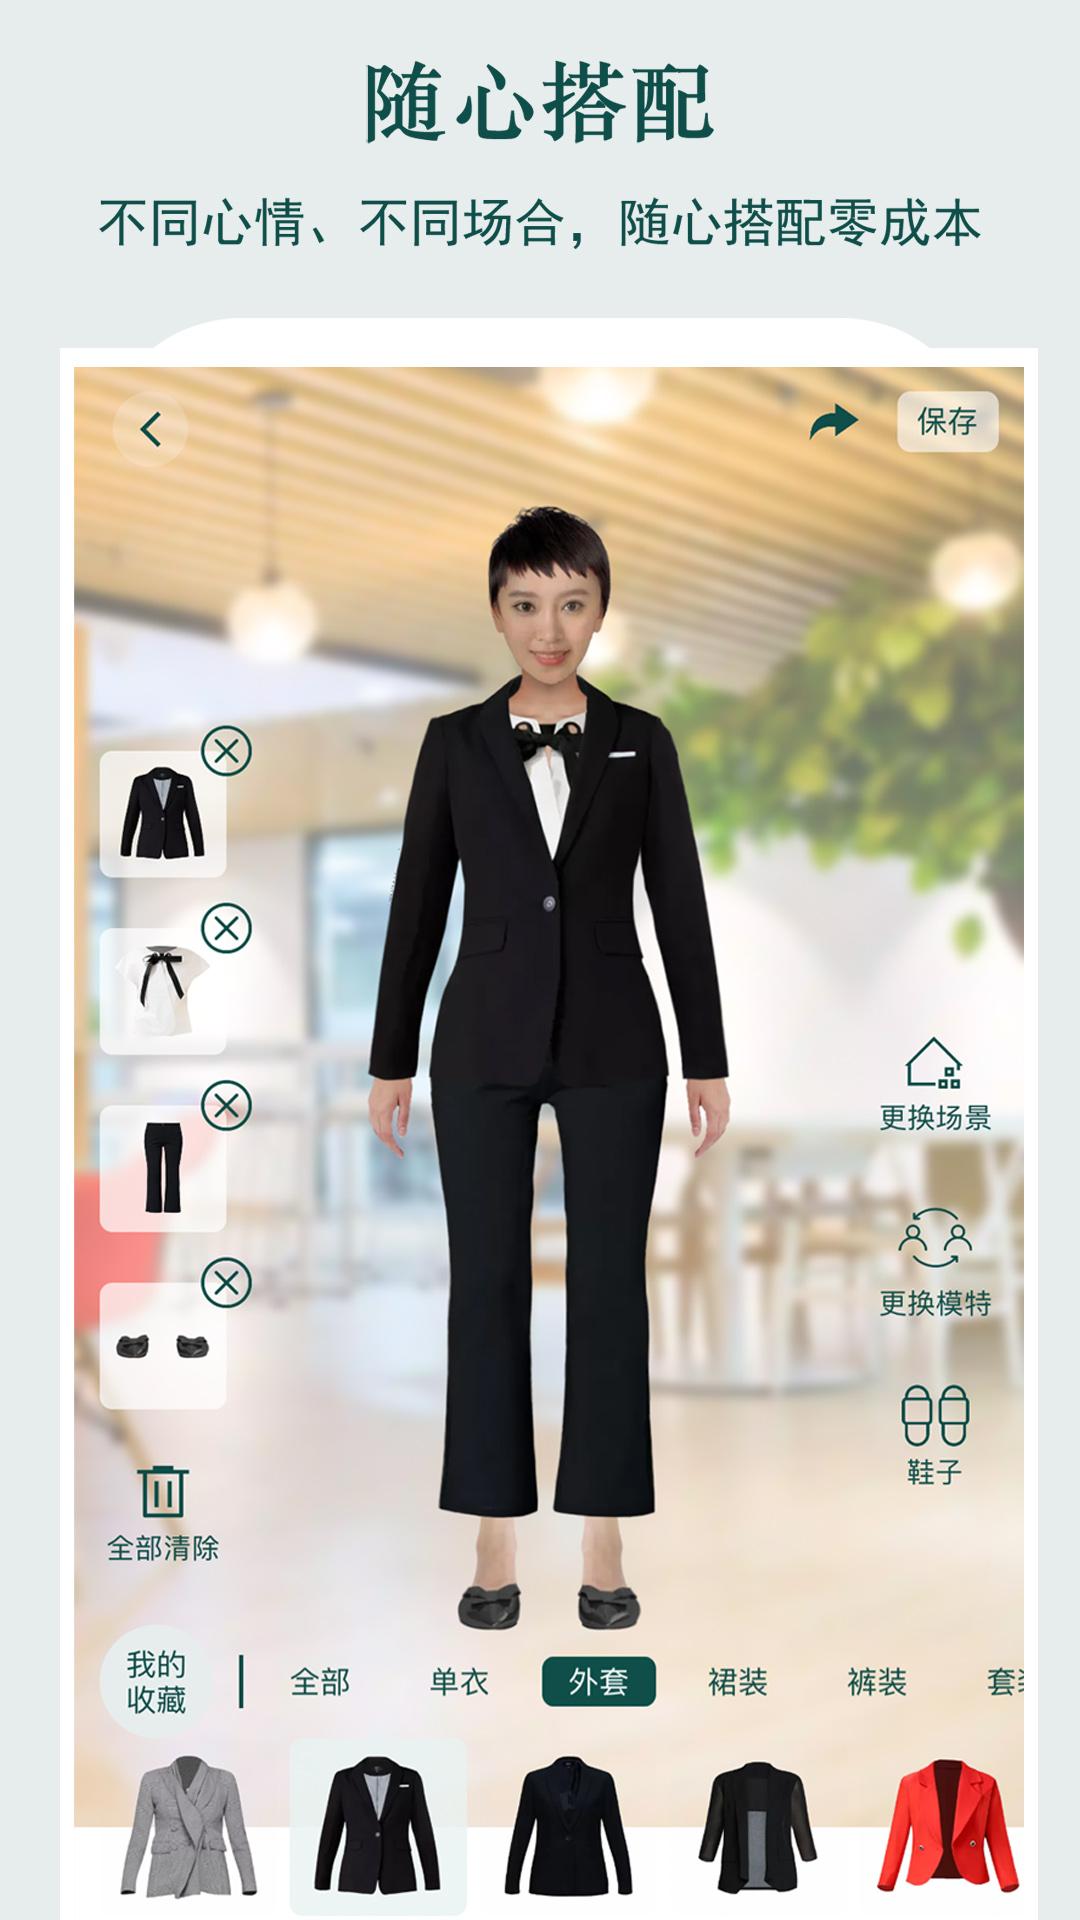 虚拟试衣间截图(1)